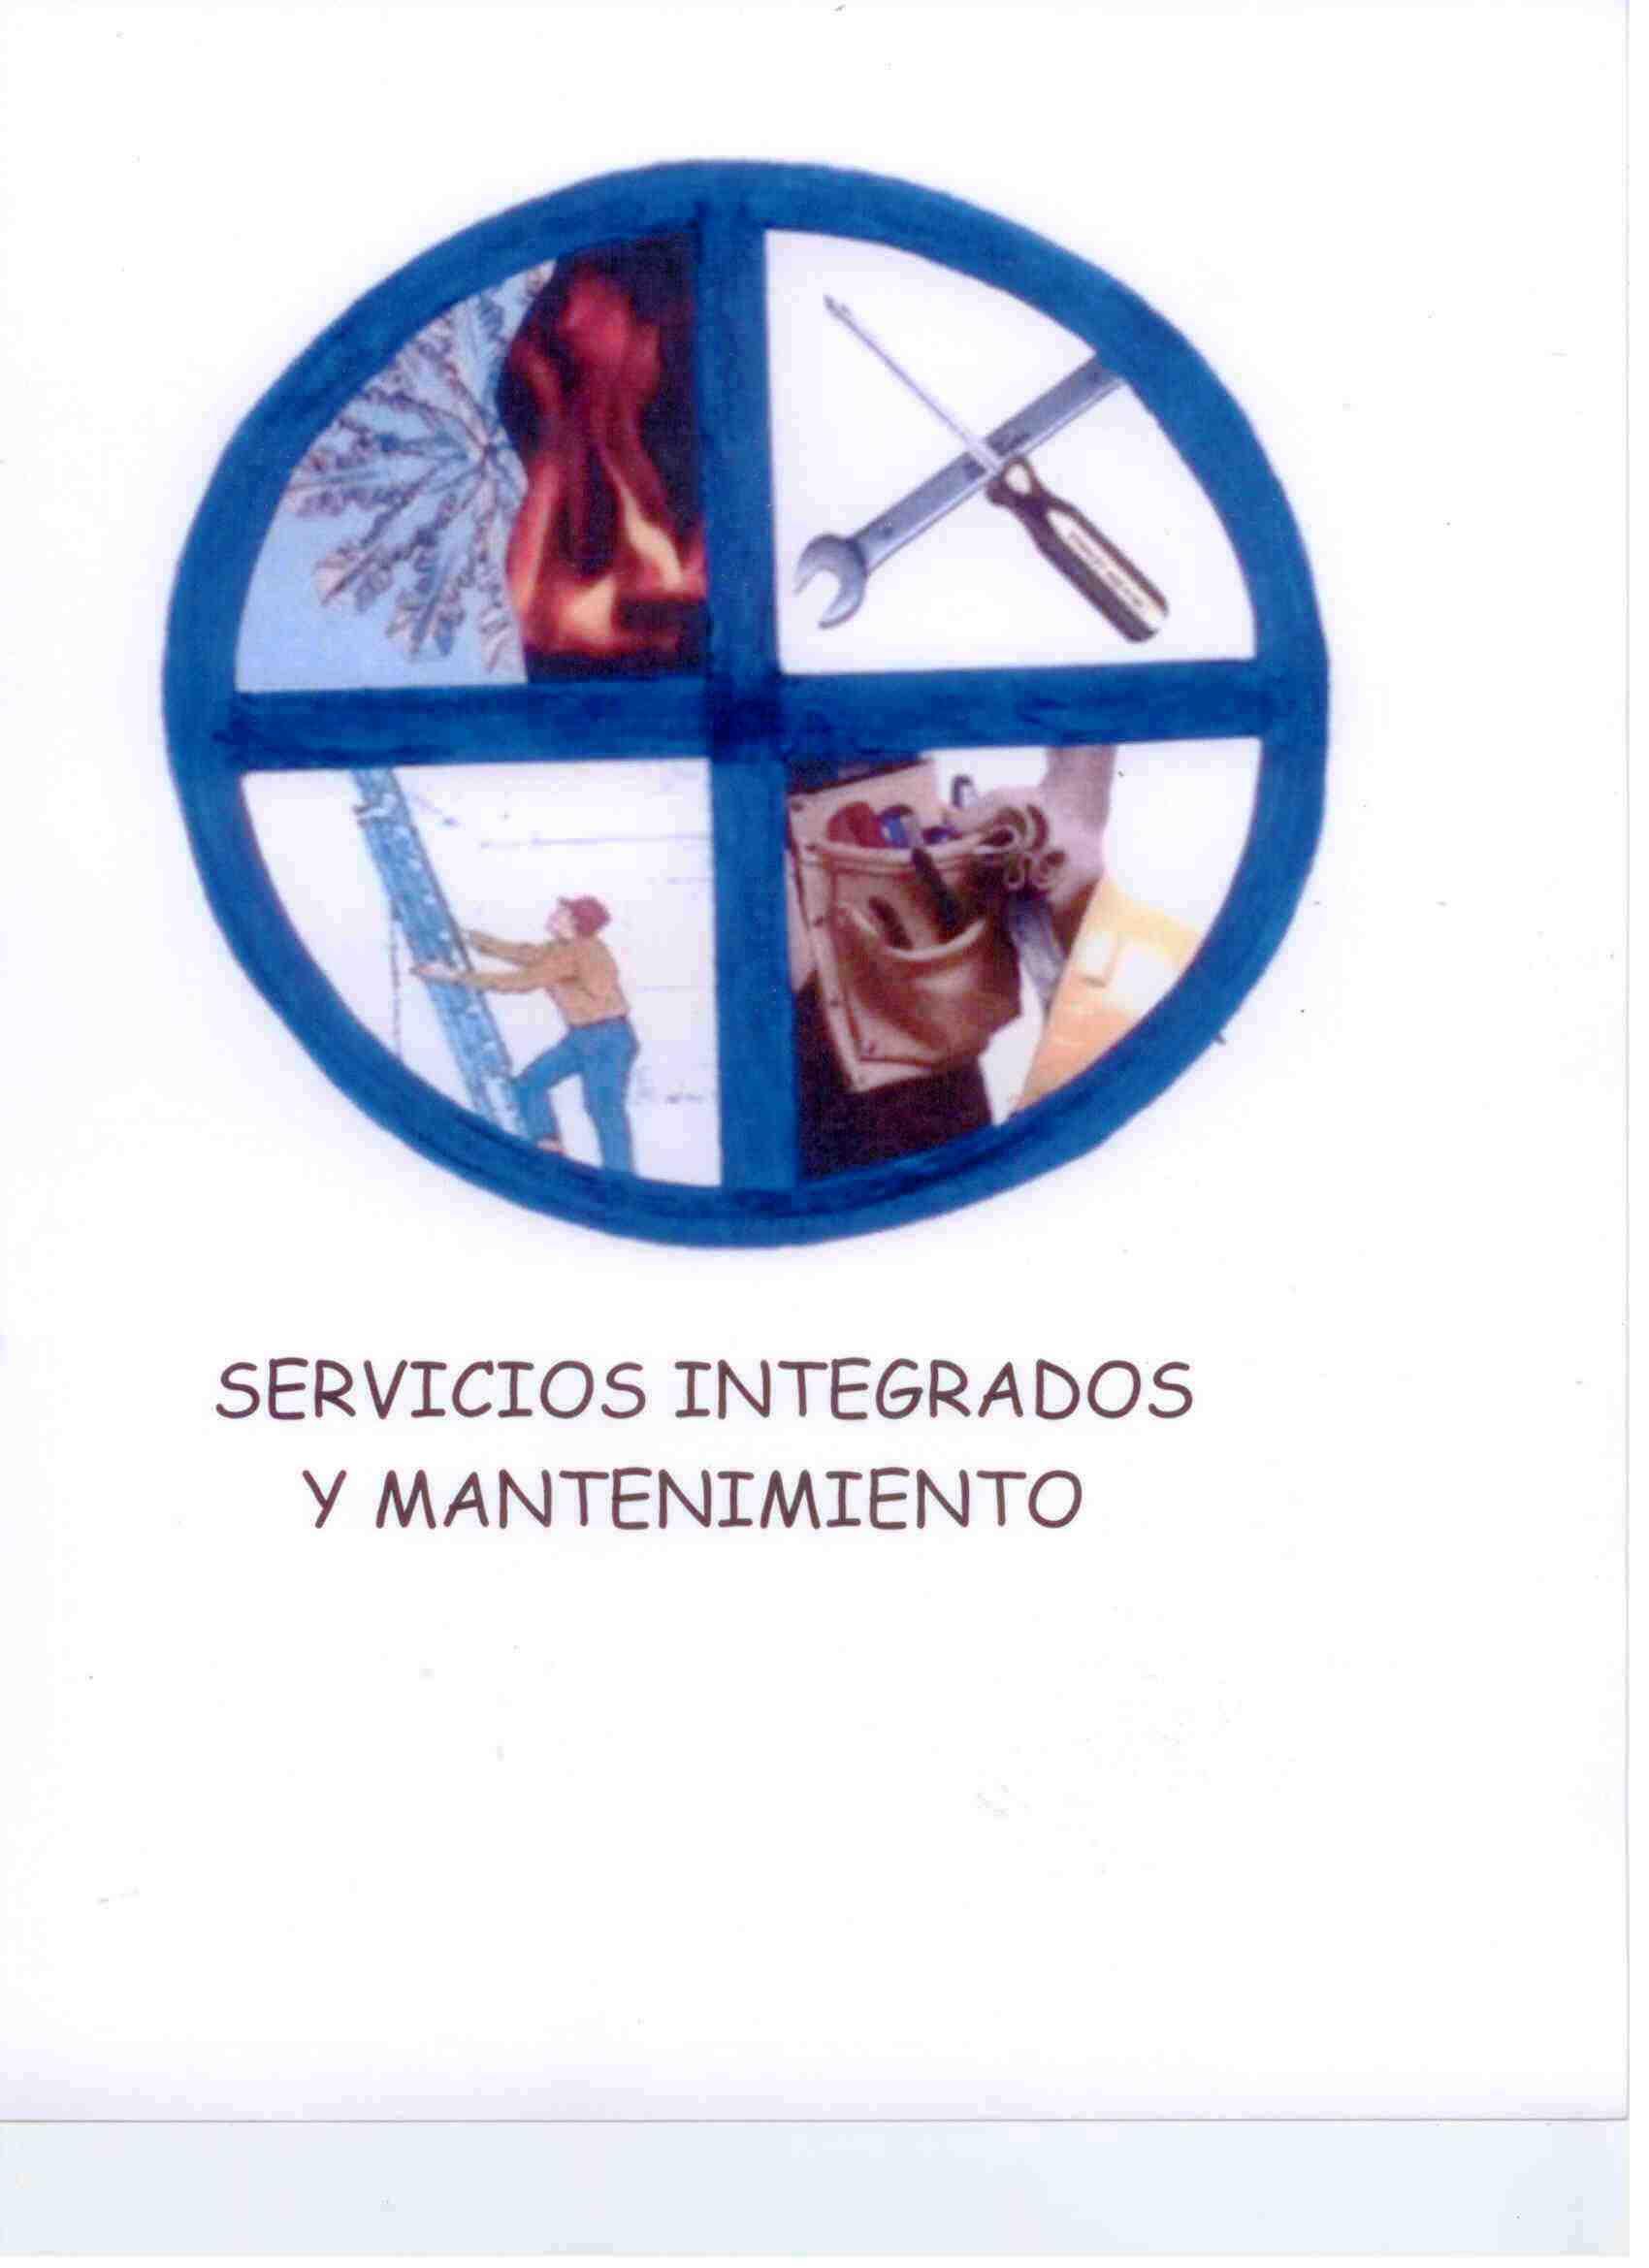 Servicios Integrados Y Mantenimiento